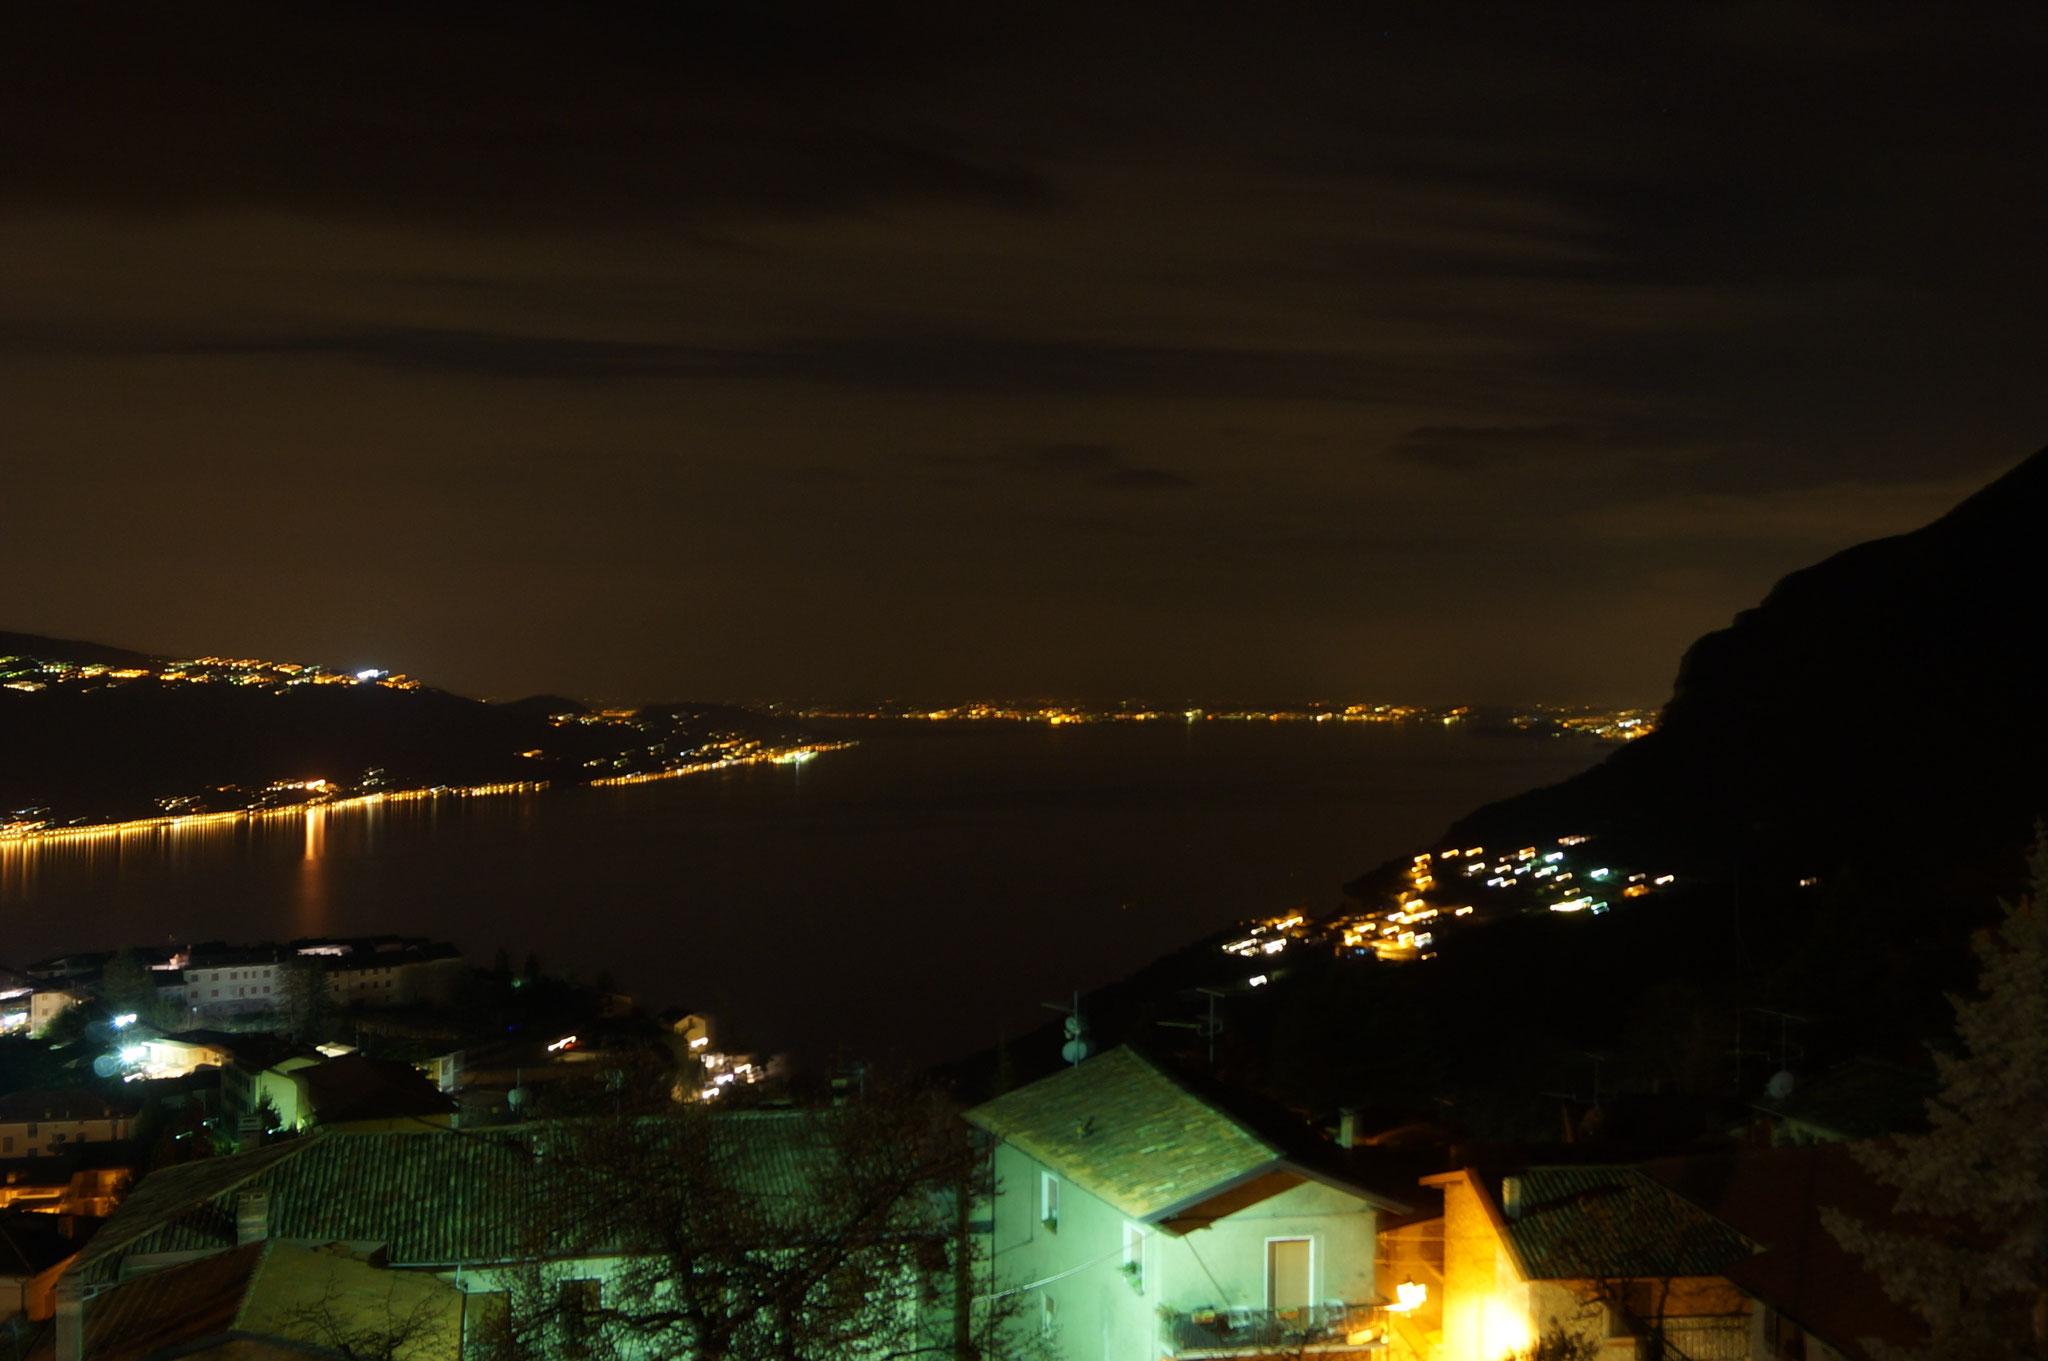 appartement20 - Blick vom Balkon am Abend